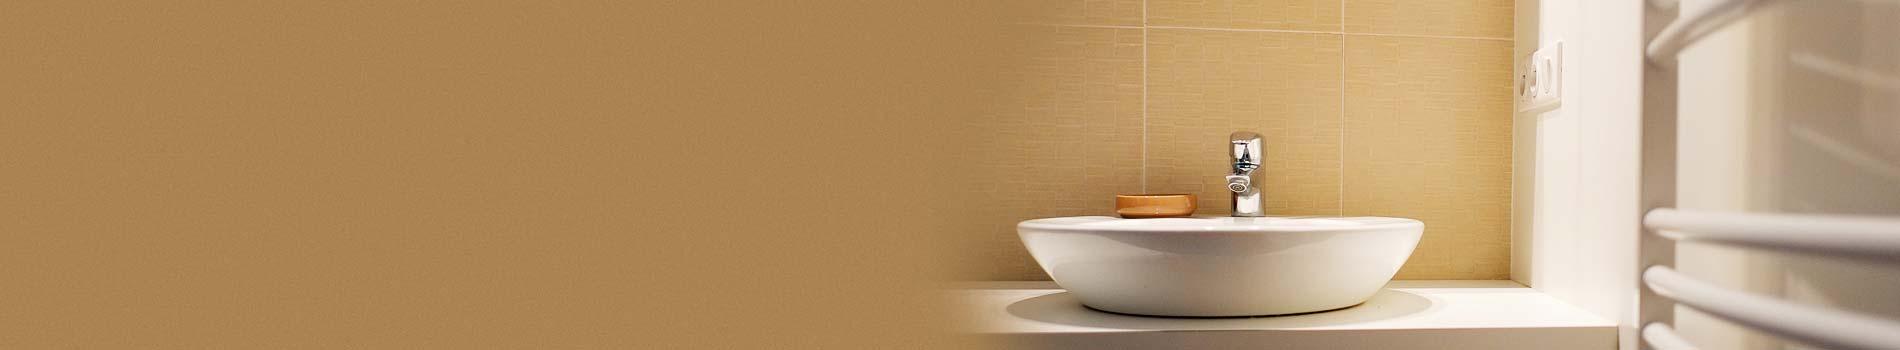 Salle de bain, sanitaires ou cuisine : plombier dépannage urgent